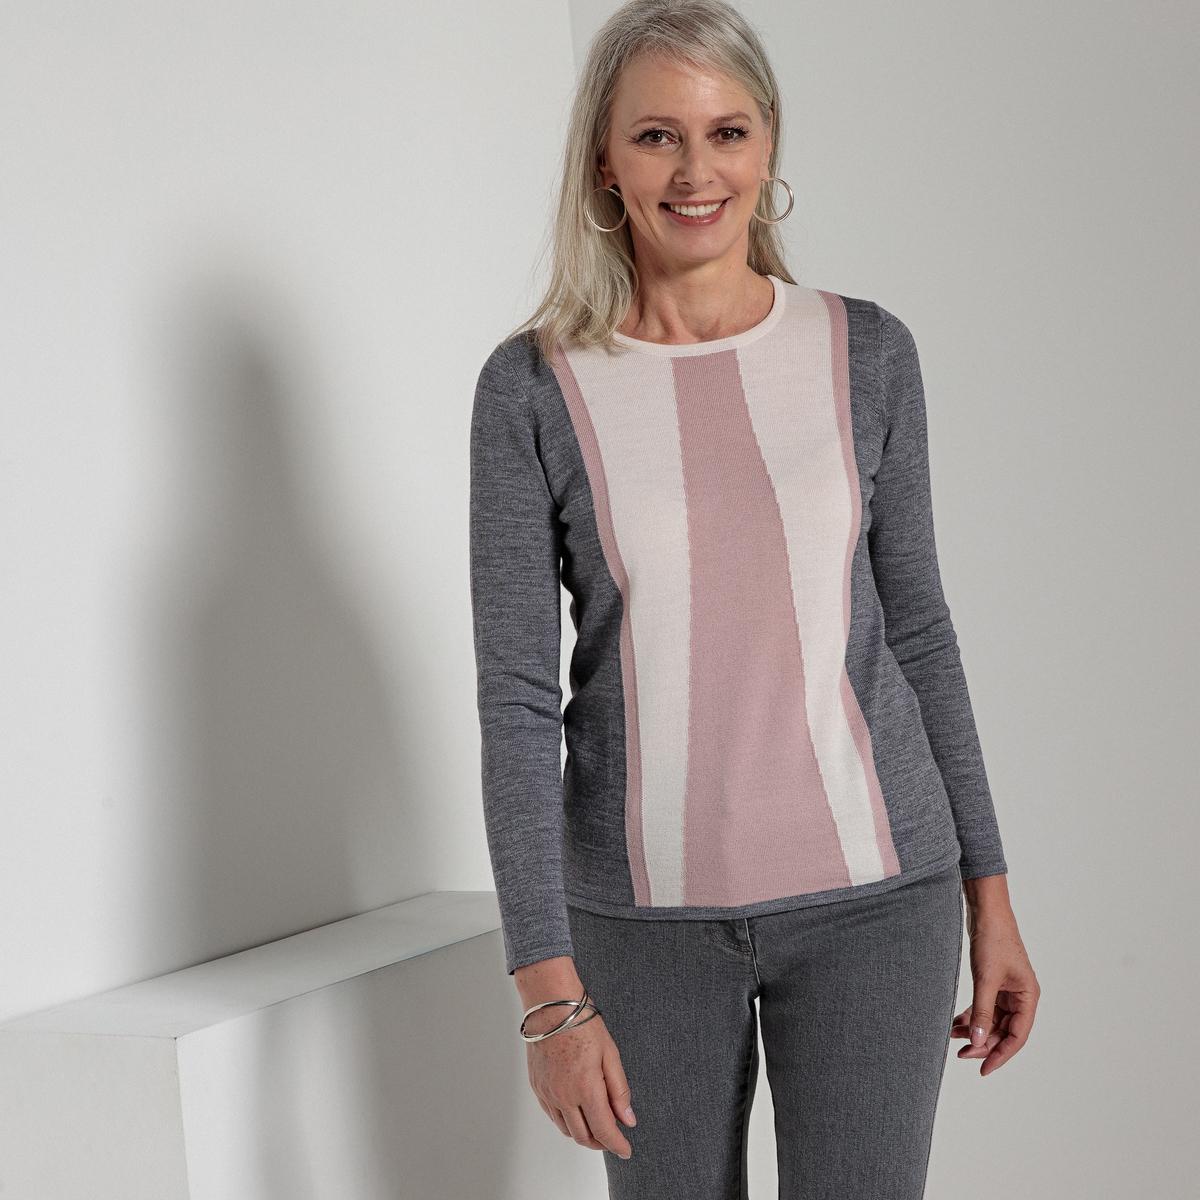 Пуловер в технике интарсия с круглым вырезом, 50% шерсти мериноса